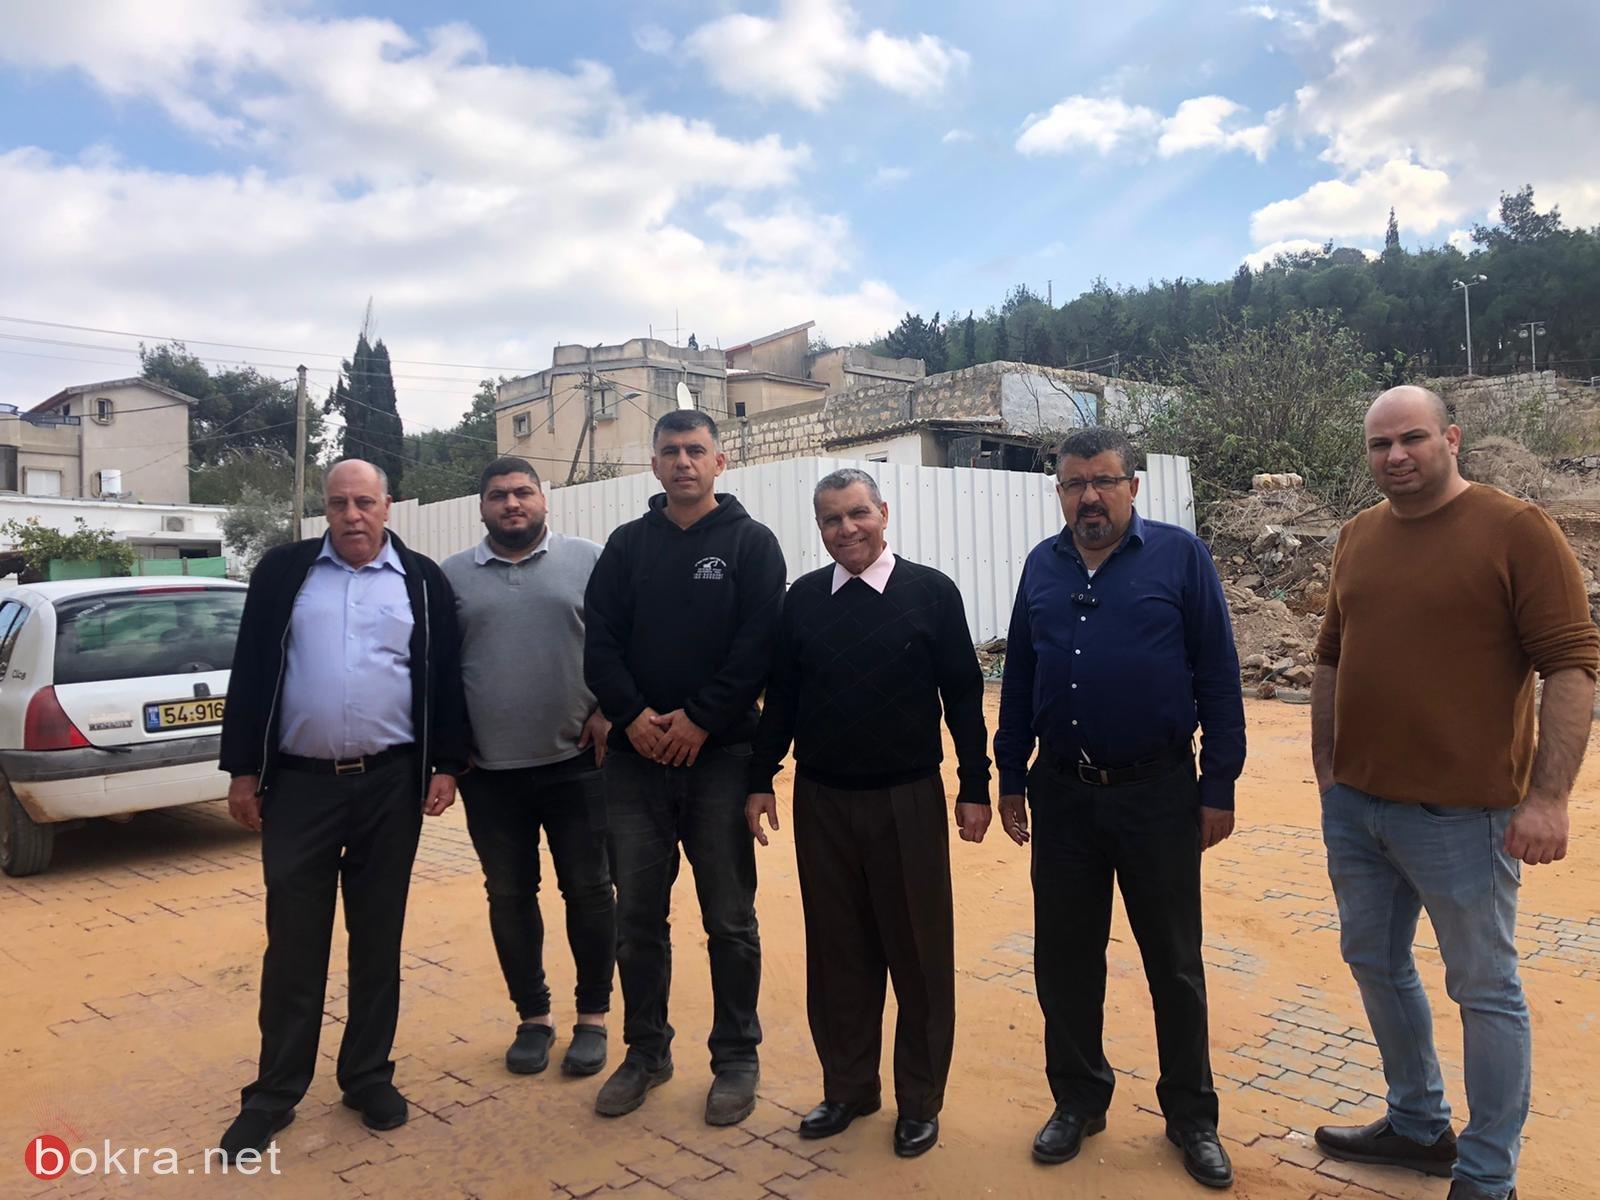 المجلس الأقليمي بستان المرج يقوم بأعمال ترميم وتطوير في قرية الدحي -6